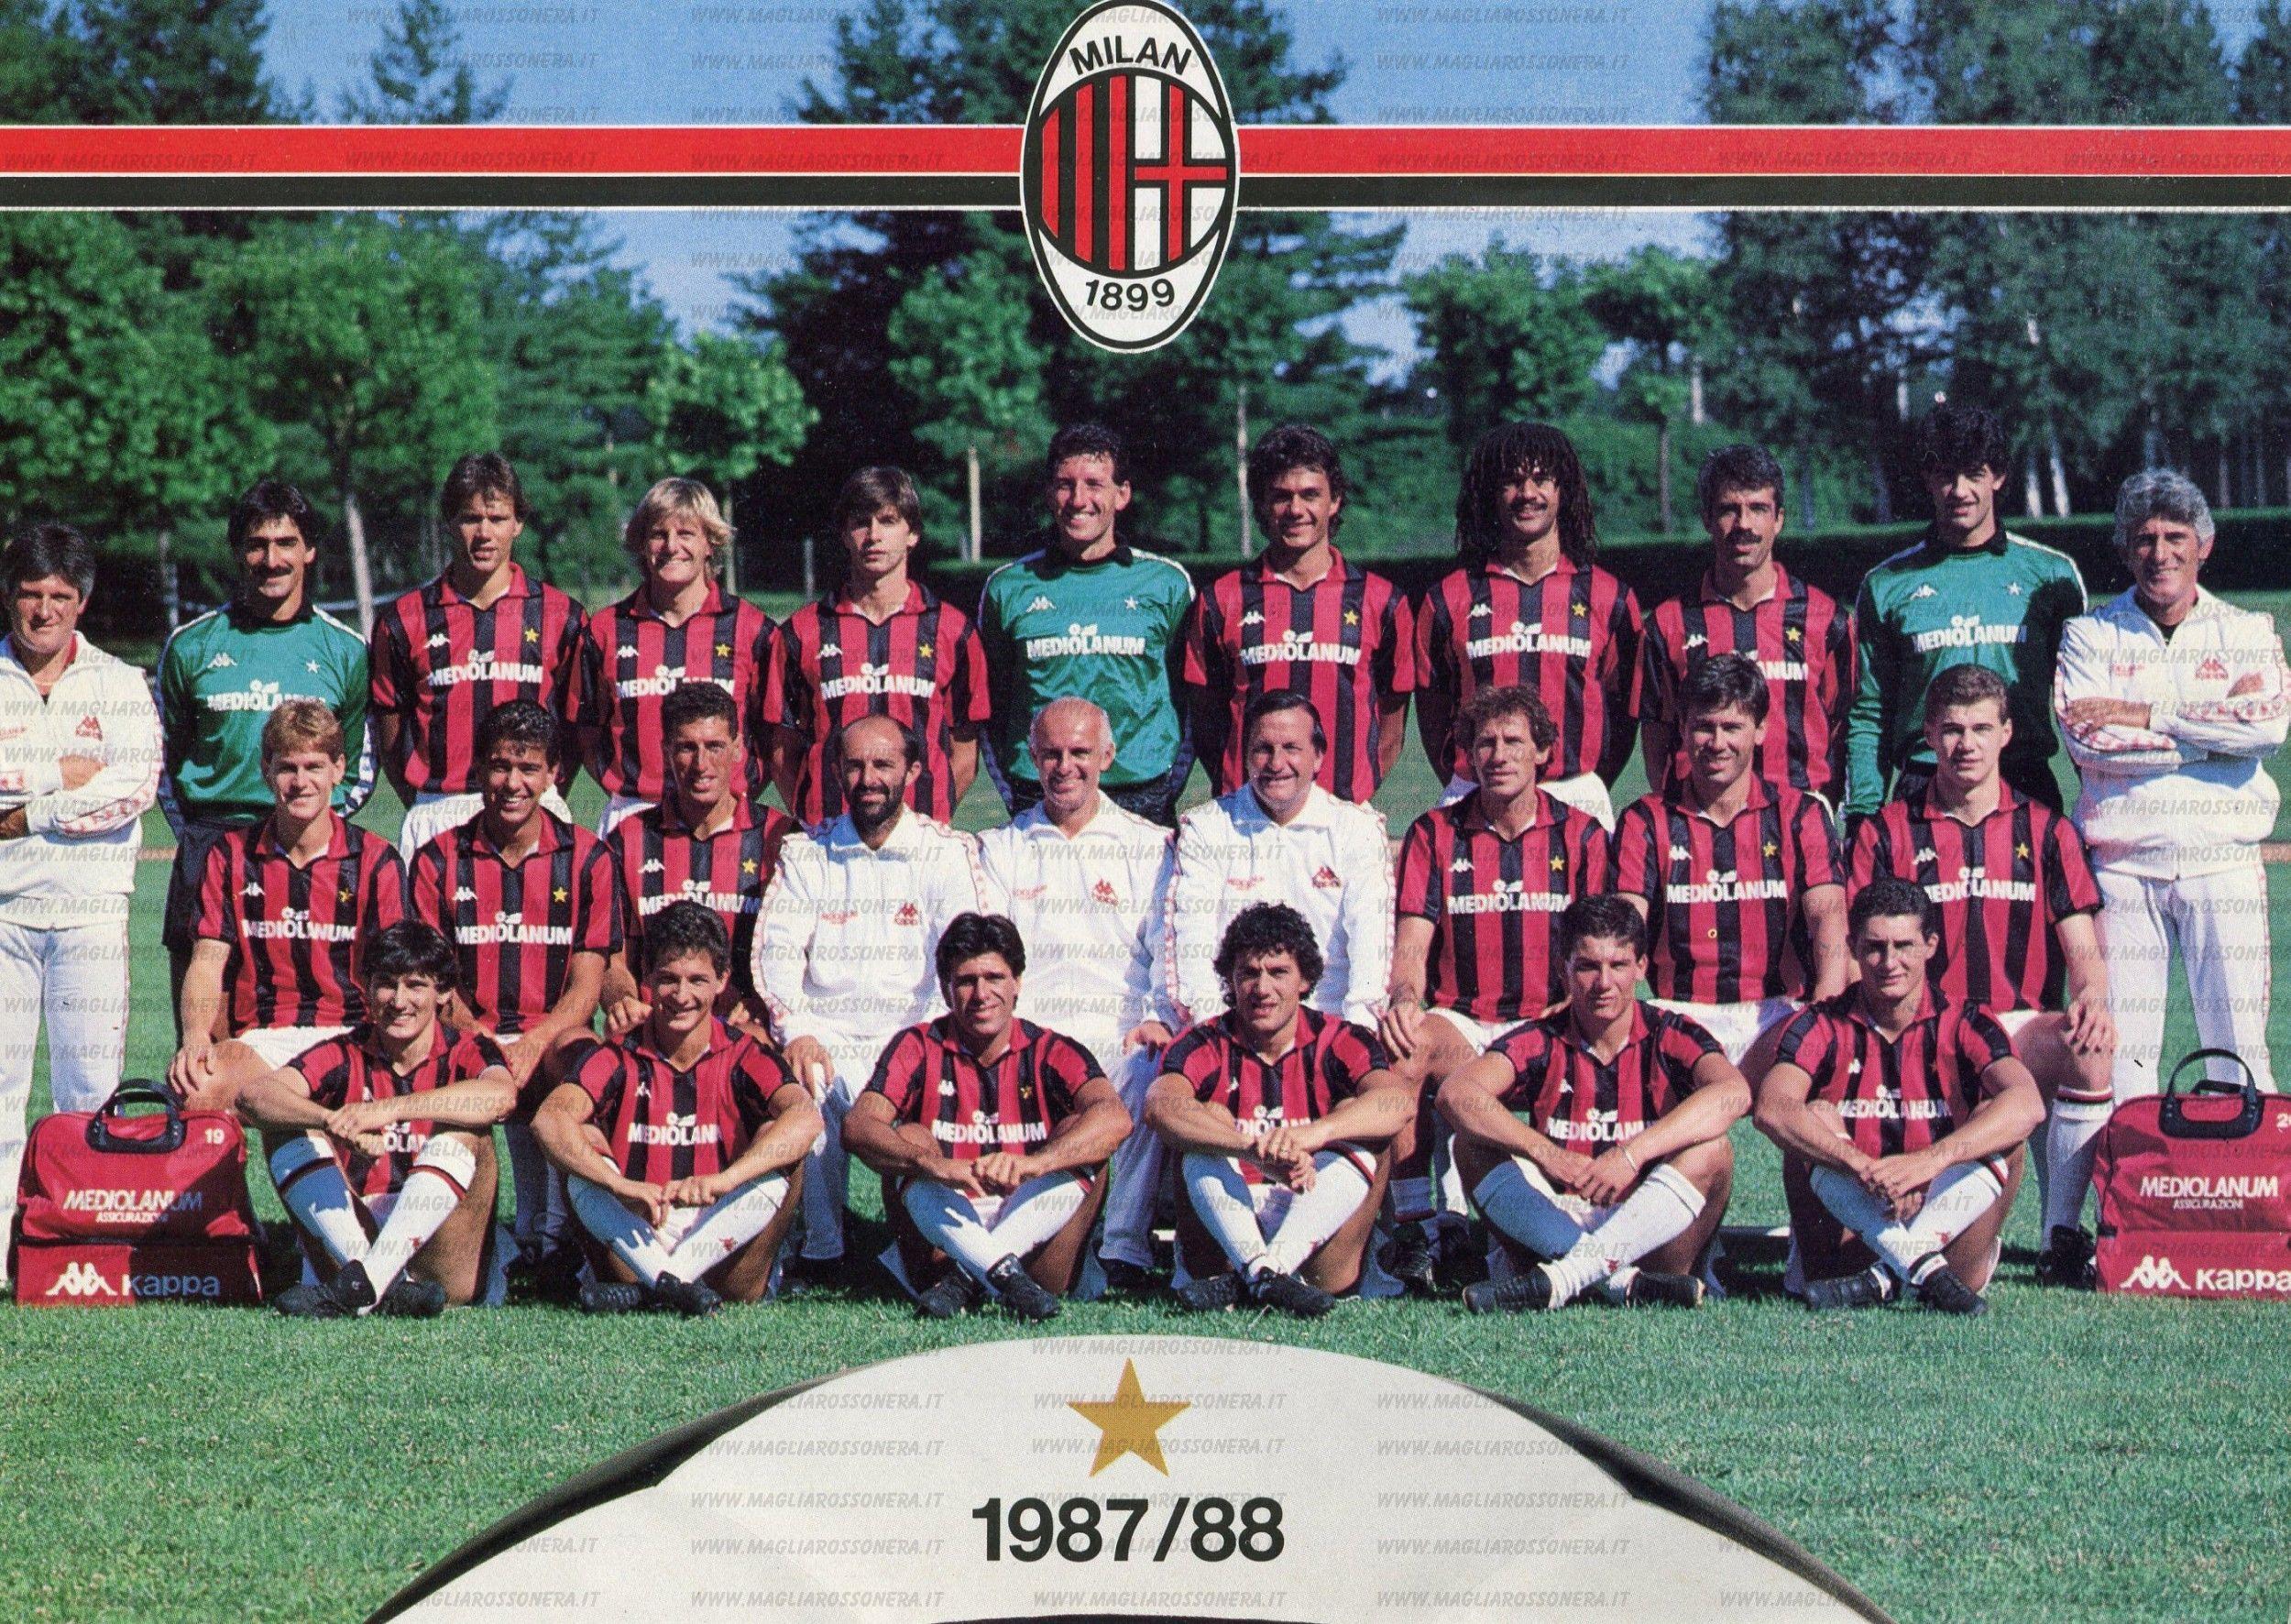 Il Milan di Arrigo Sacchi nel 1987/88: nella foto si riconoscono - tra gli altri - Van Basten, Baresi, Maldini, Gullit, Ancelotti, Donadoni, Costacurta e Massaro